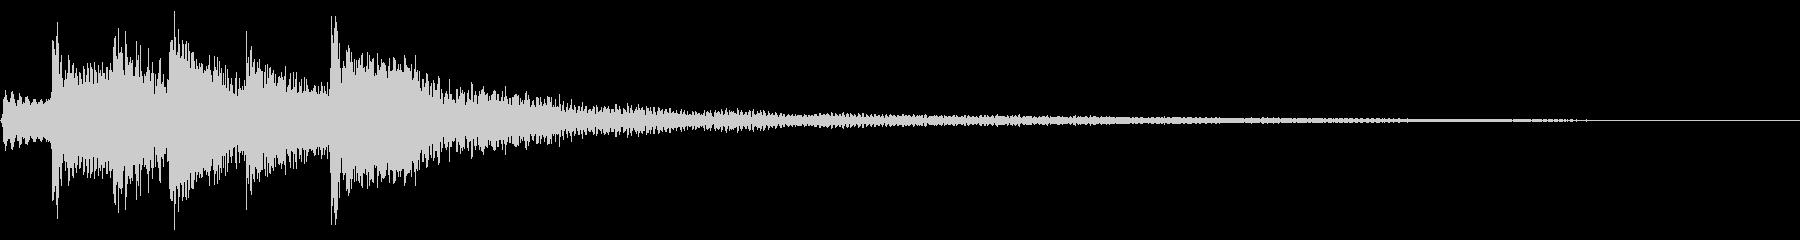 ナチュラル アルペジオ ナイロンギターの未再生の波形